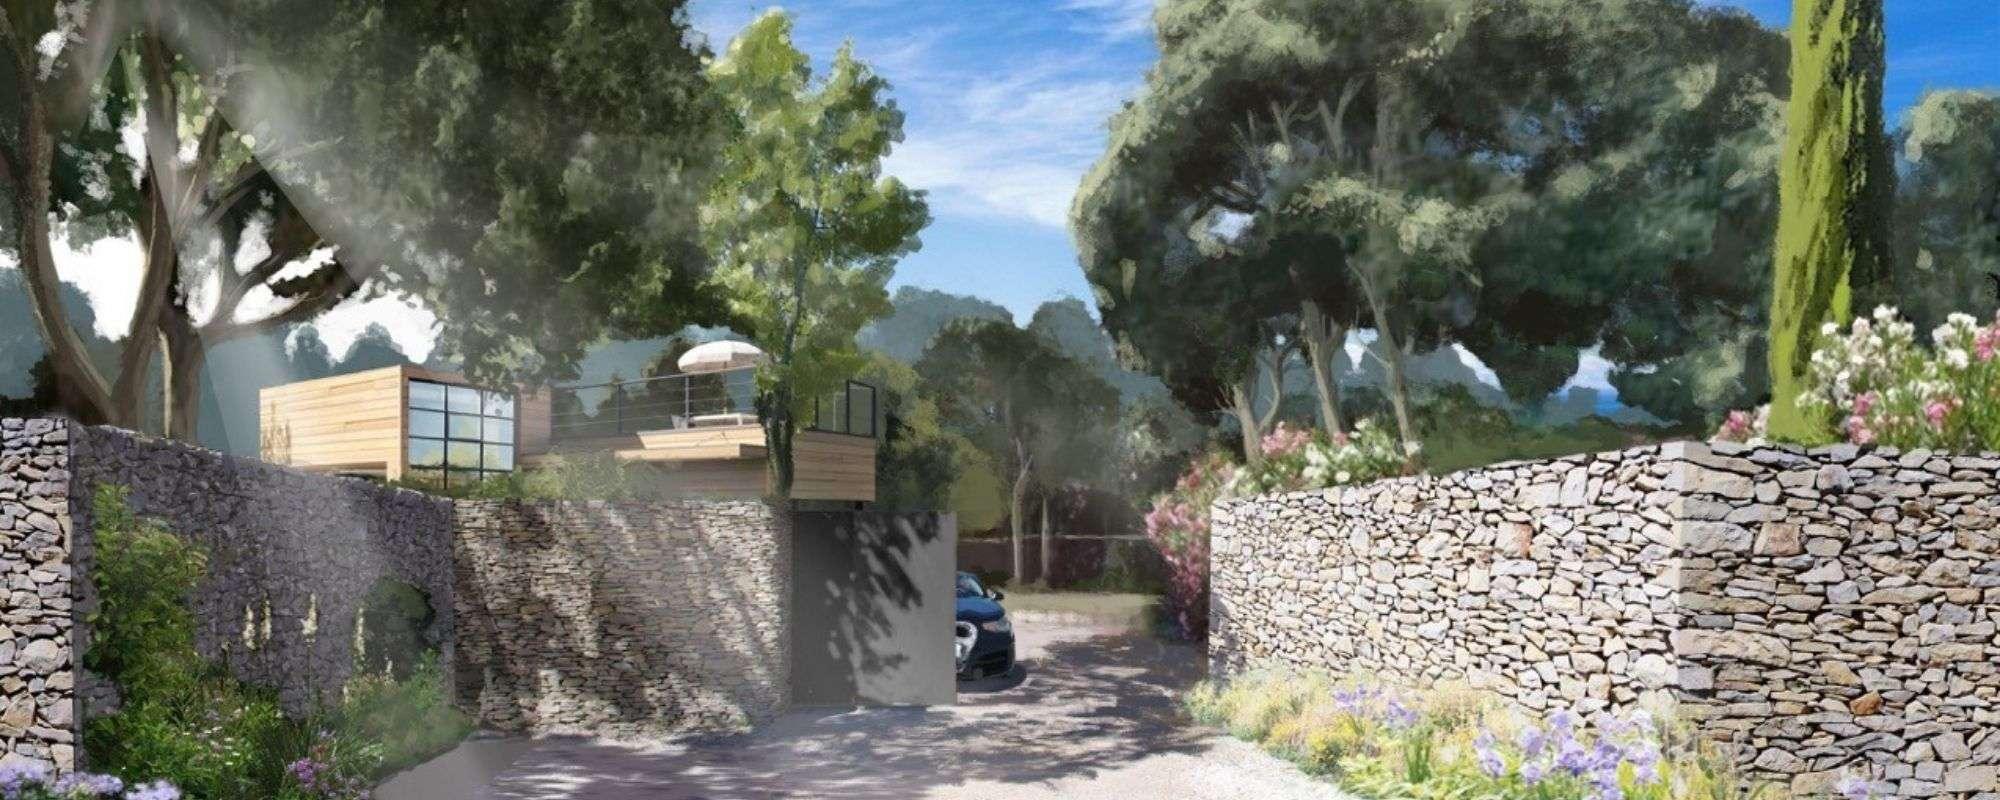 Terrain-à-bâtir-GGL-Nimes-les-garrigues-du-paratonnerre (3)